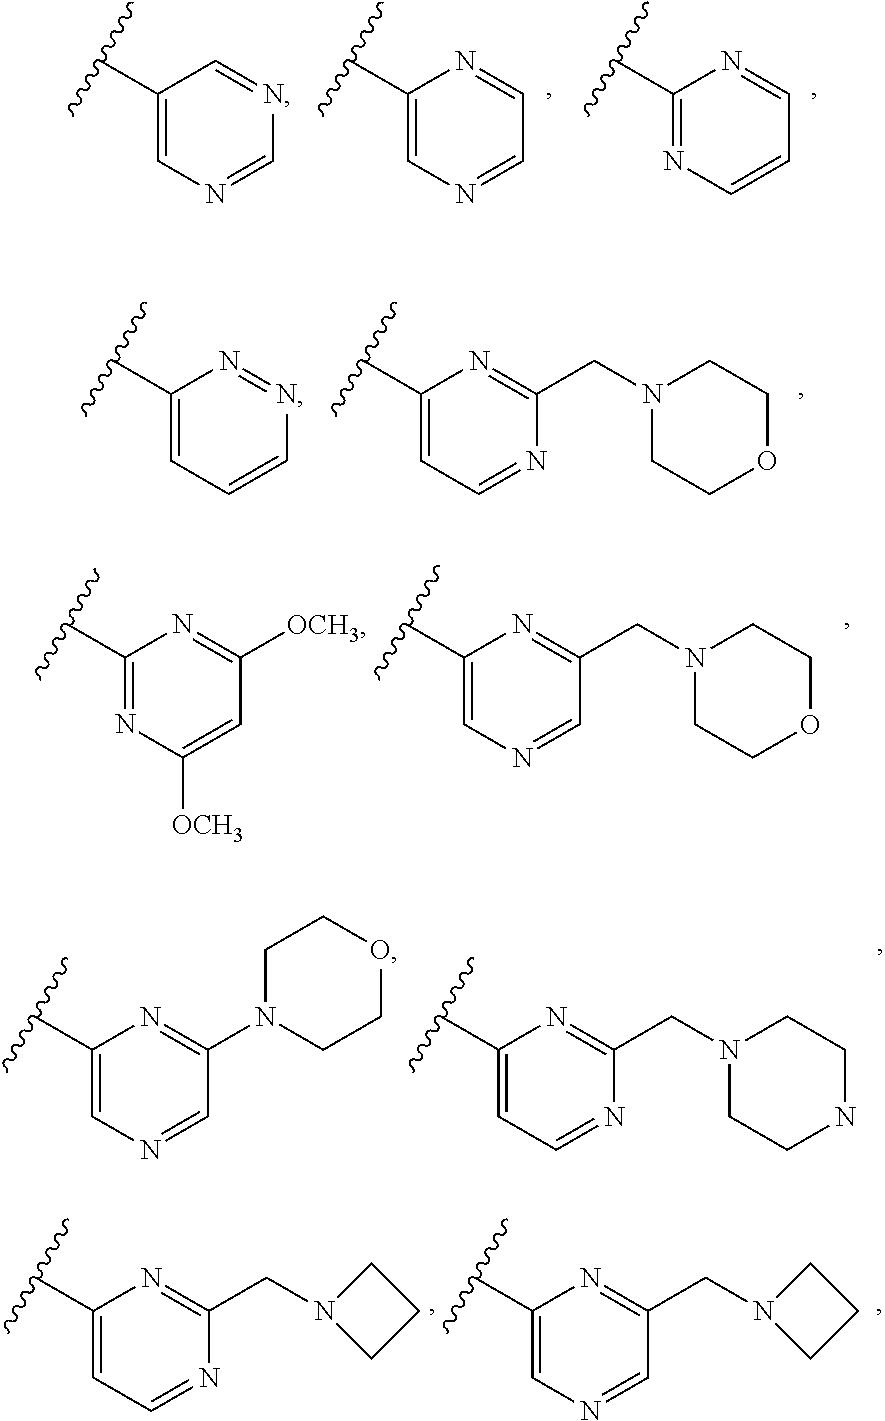 Figure US09326986-20160503-C00022